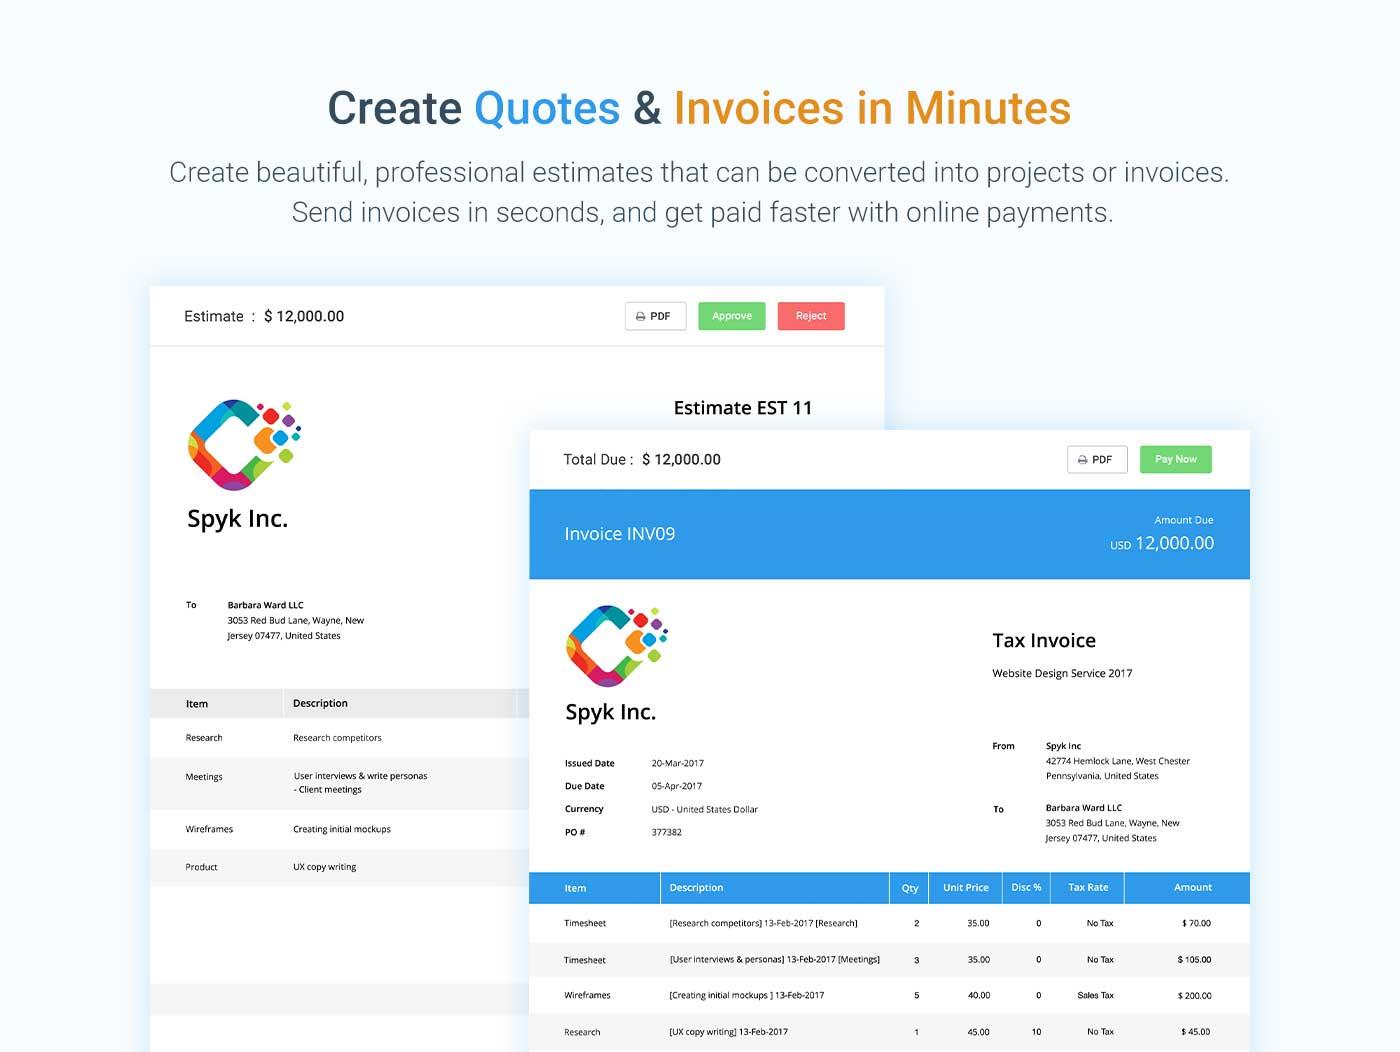 Avaza Demo - Create Quotes & Invoices